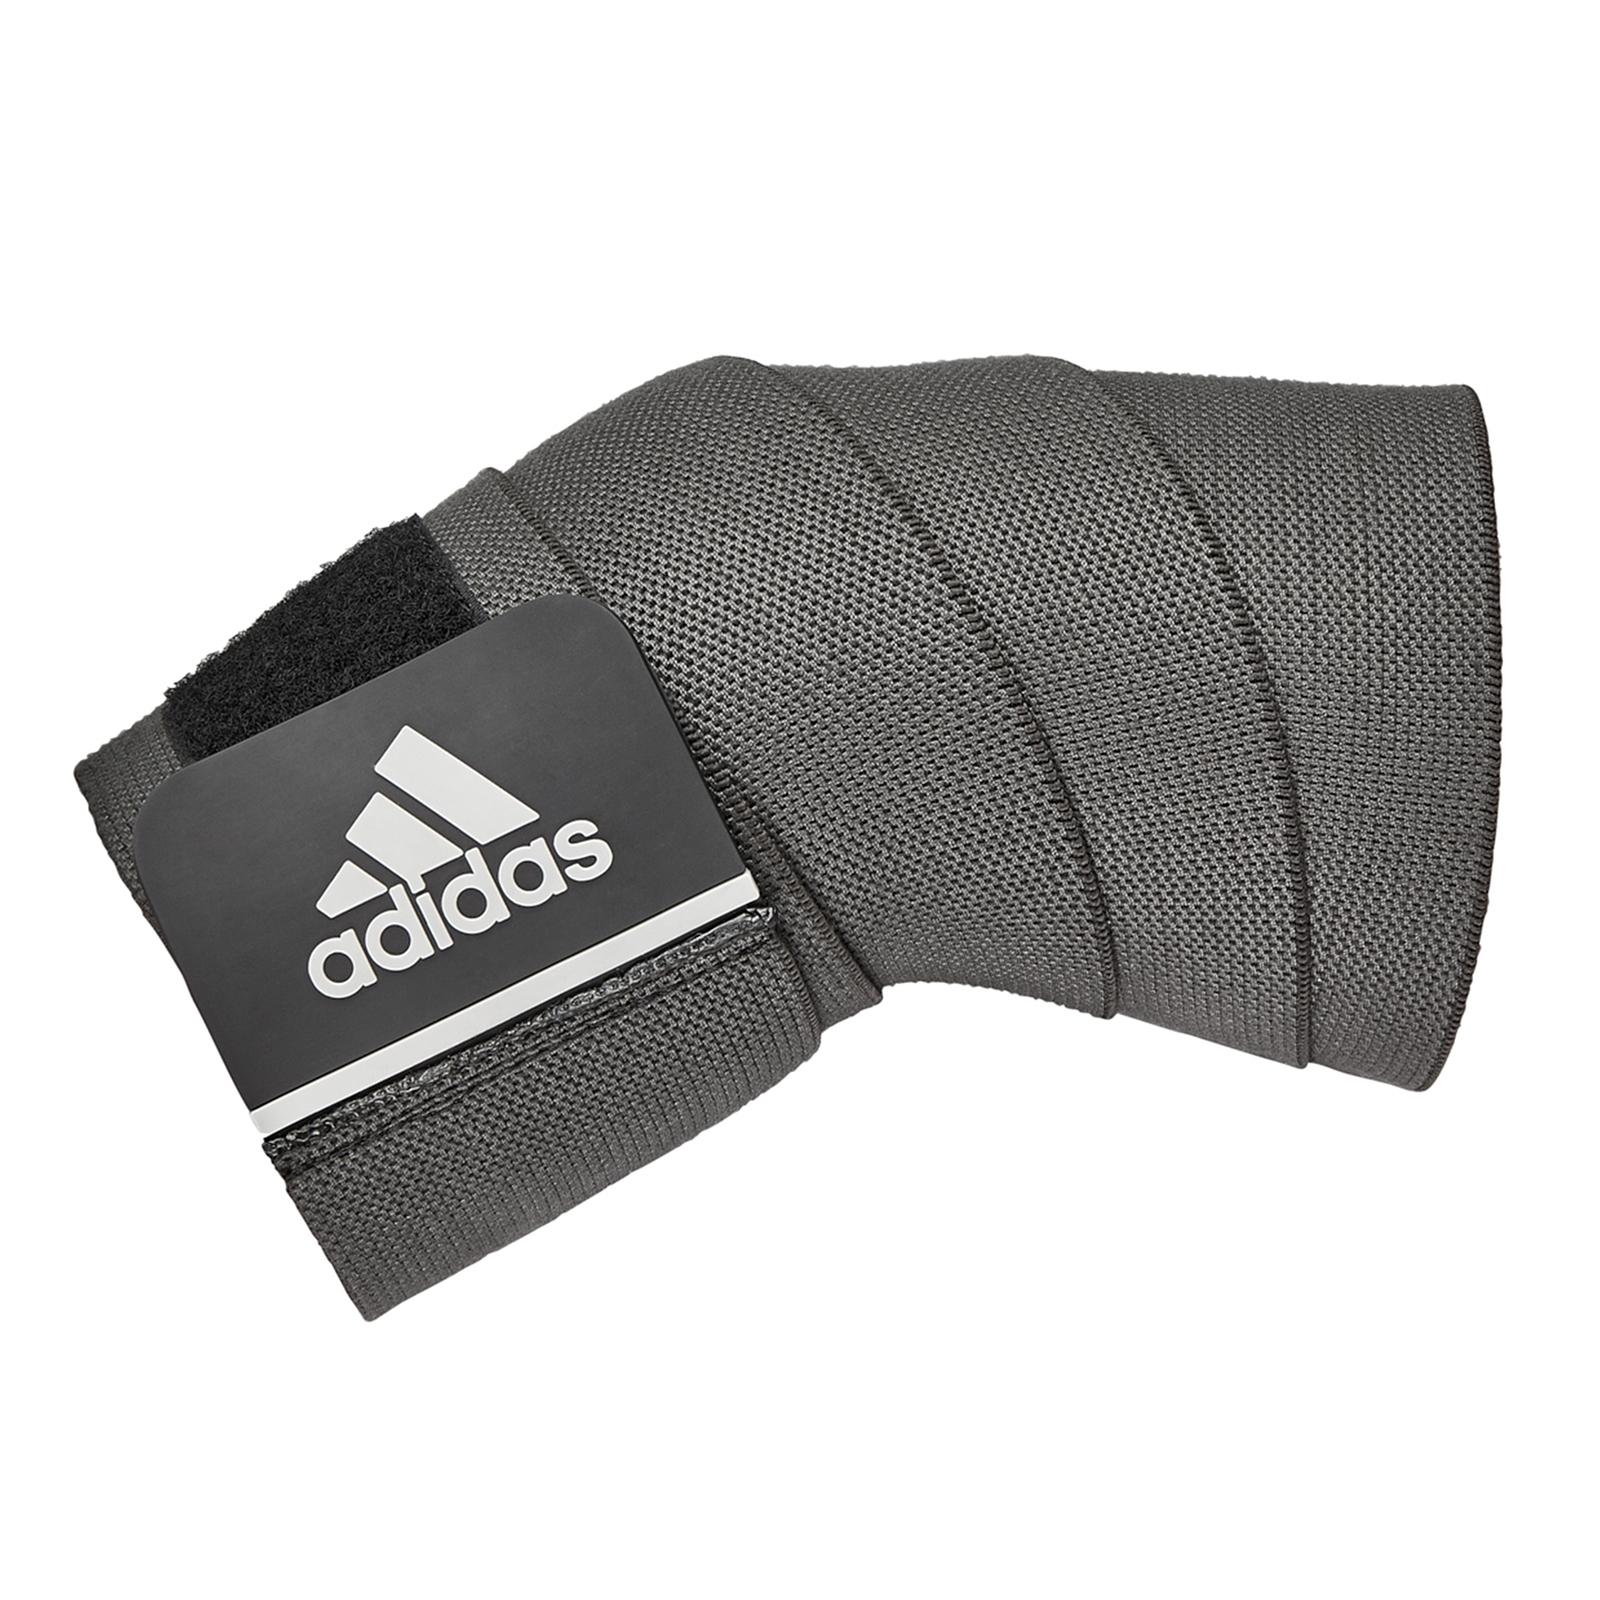 0c47e9c4830251 Taśma / opaska wzmacniająca na kolano / łokieć ADSU-13373 Adidas ...